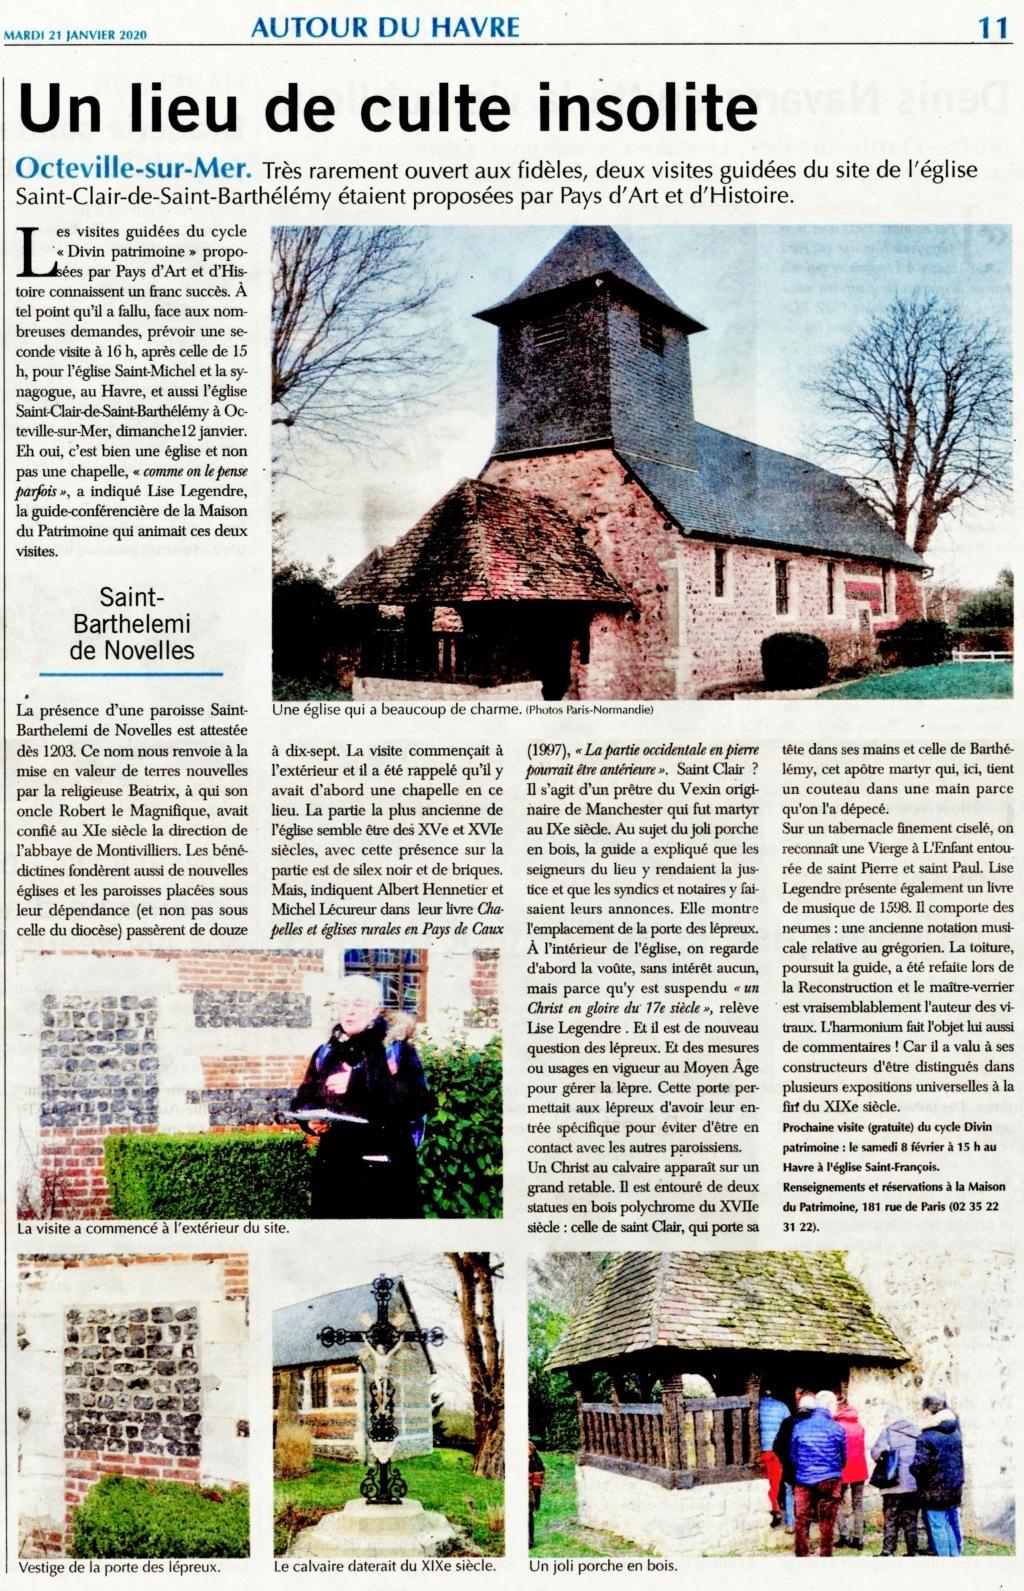 Octeville-sur-Mer - Eglise Saint-Clair de Saint-Barthélémy 2020-119